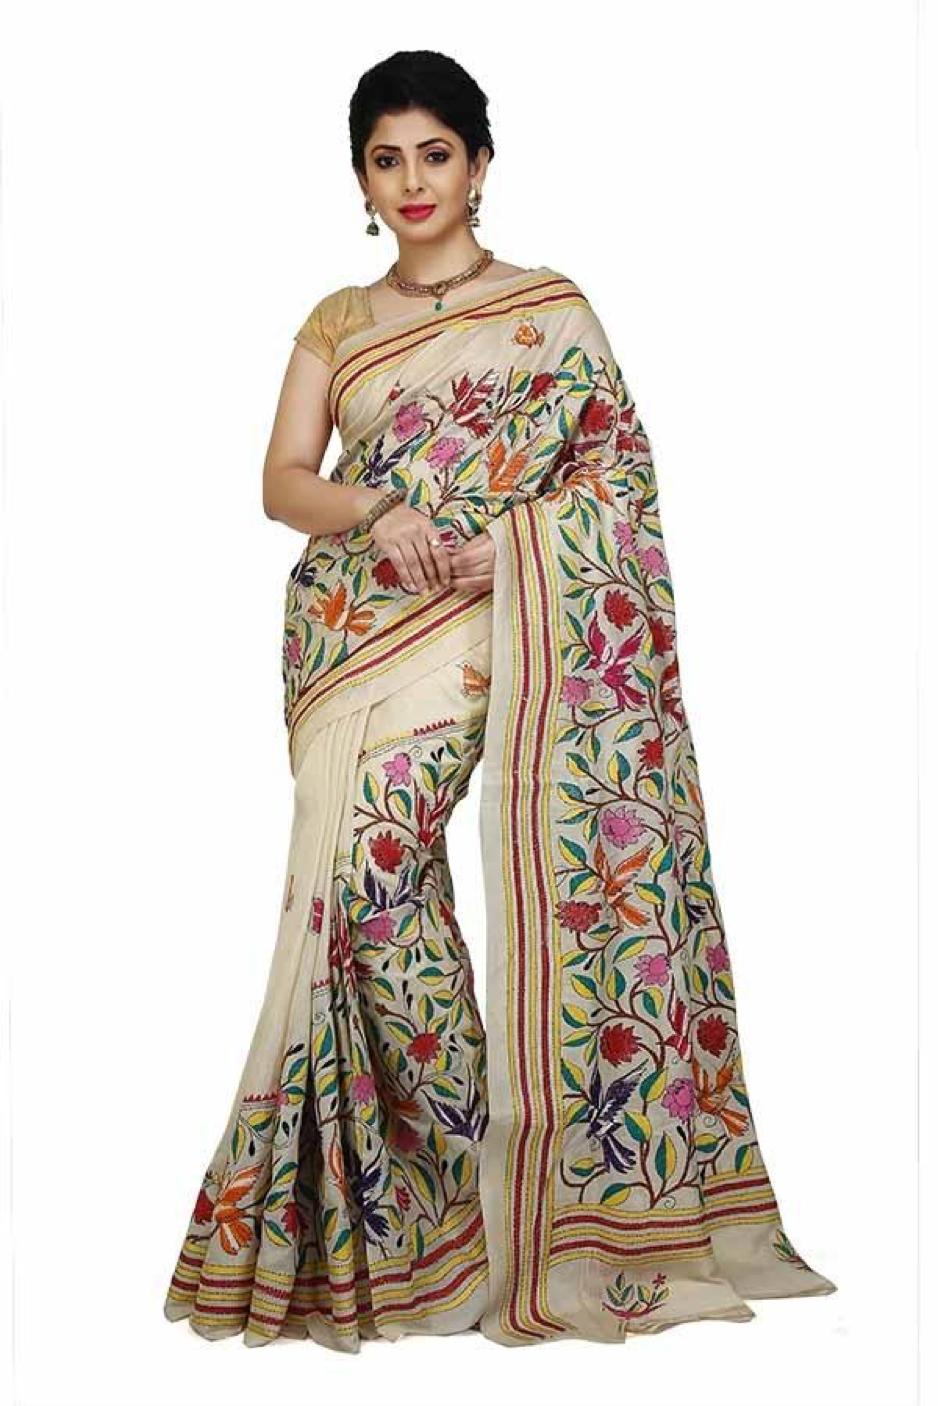 Trang phục truyền thống là một trong những văn hóa Ấn Độ